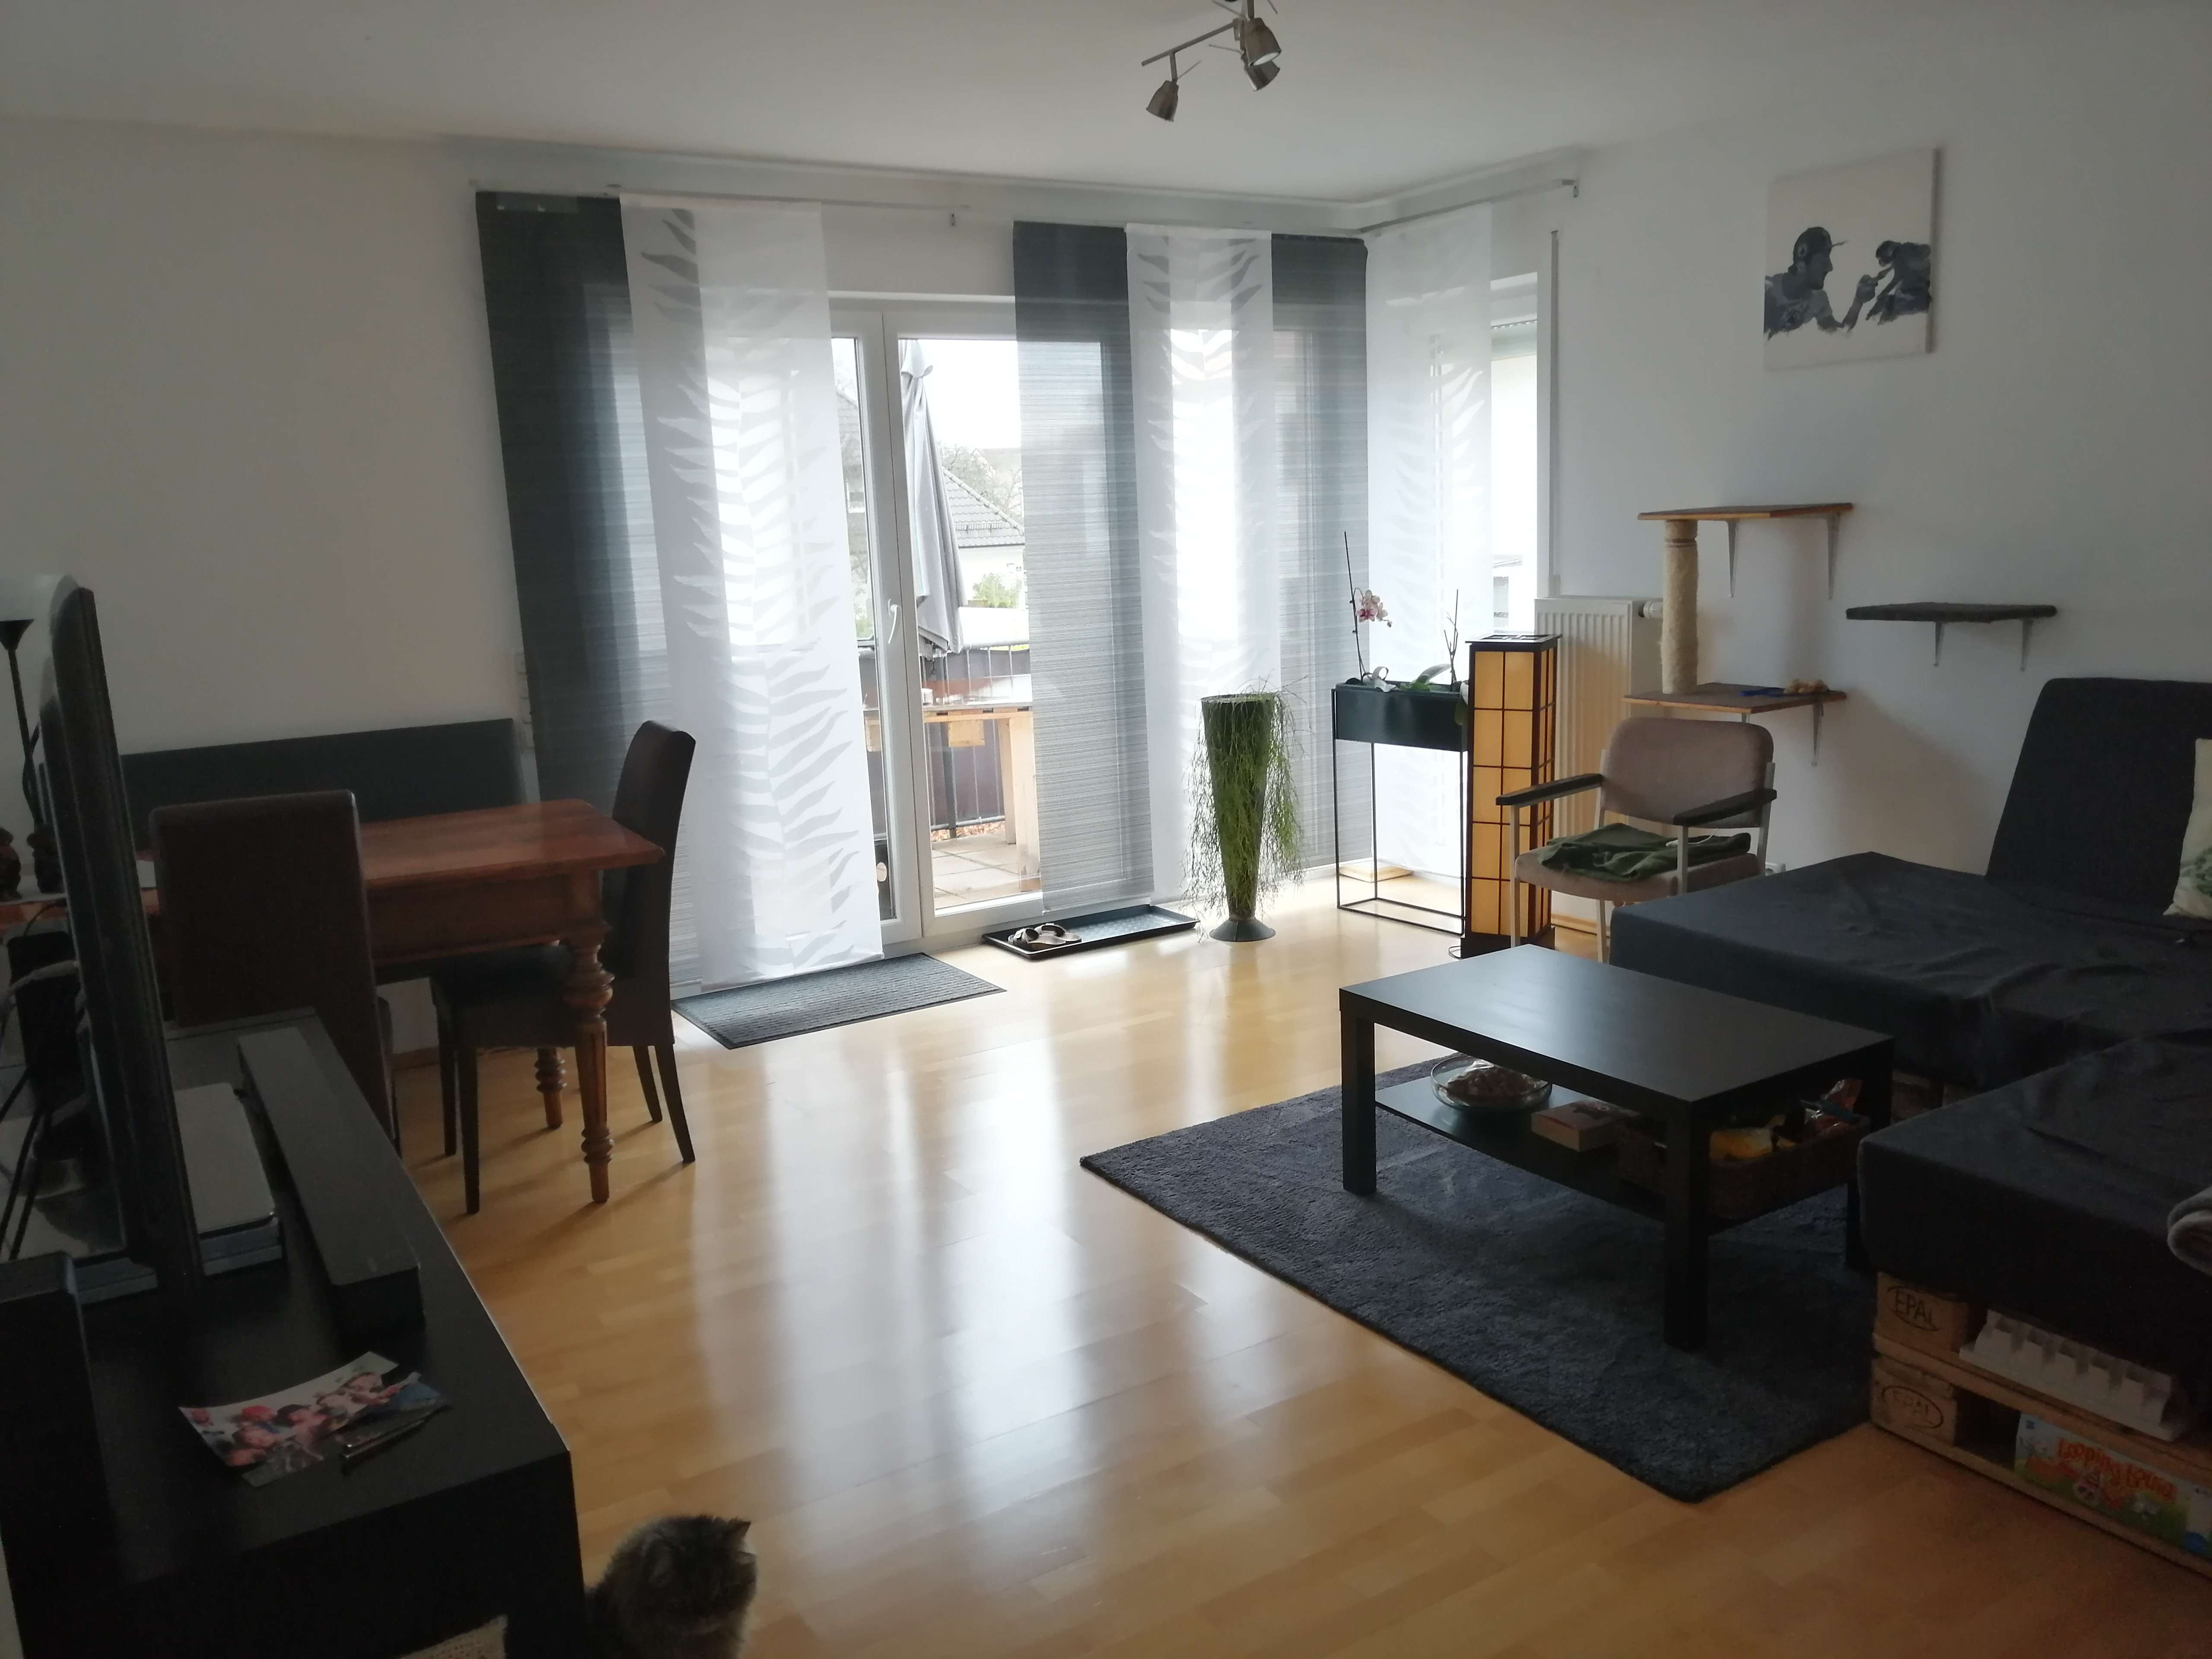 Ruhige & gepflegte 3-Zimmer-Wohnung mit Balkon und Einbauküche in Zentrumsnähe in Neuburg an der Donau